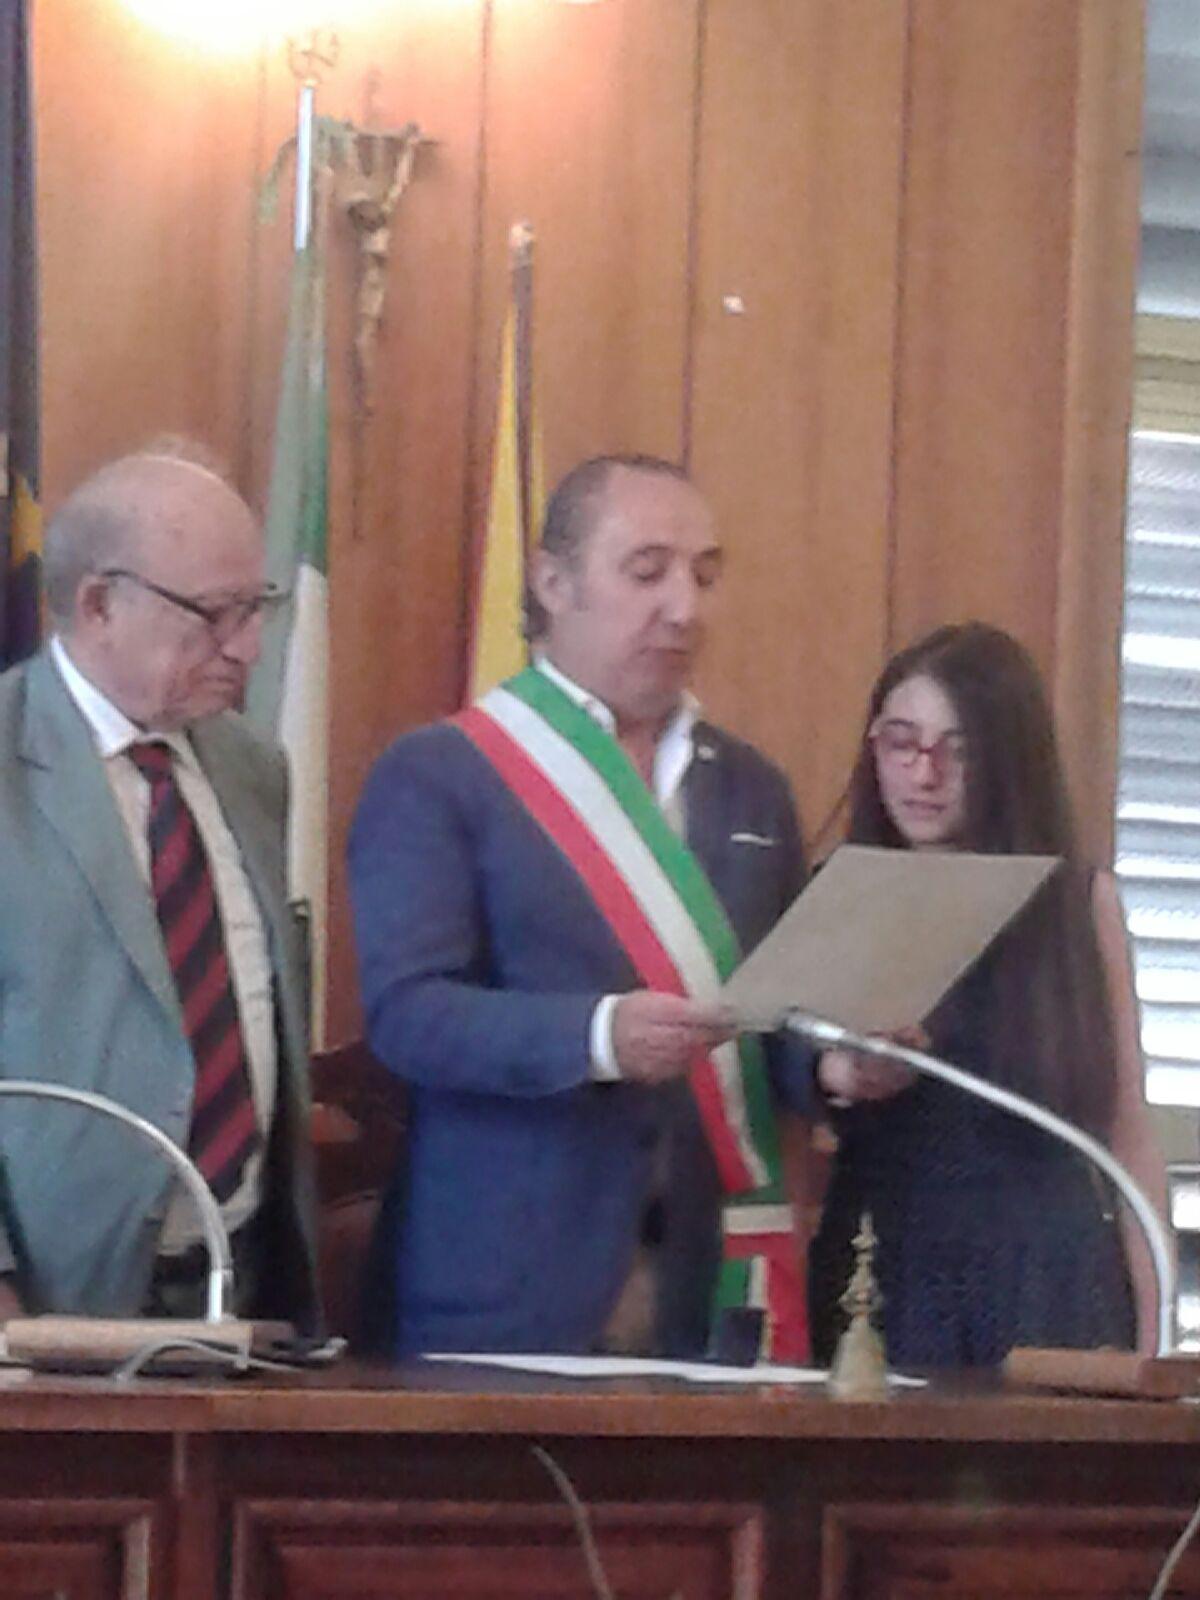 Momenti della premiazione nella Sala del Consiglio Comunale alla presenza del Sindaco di Mazzarino (CL)